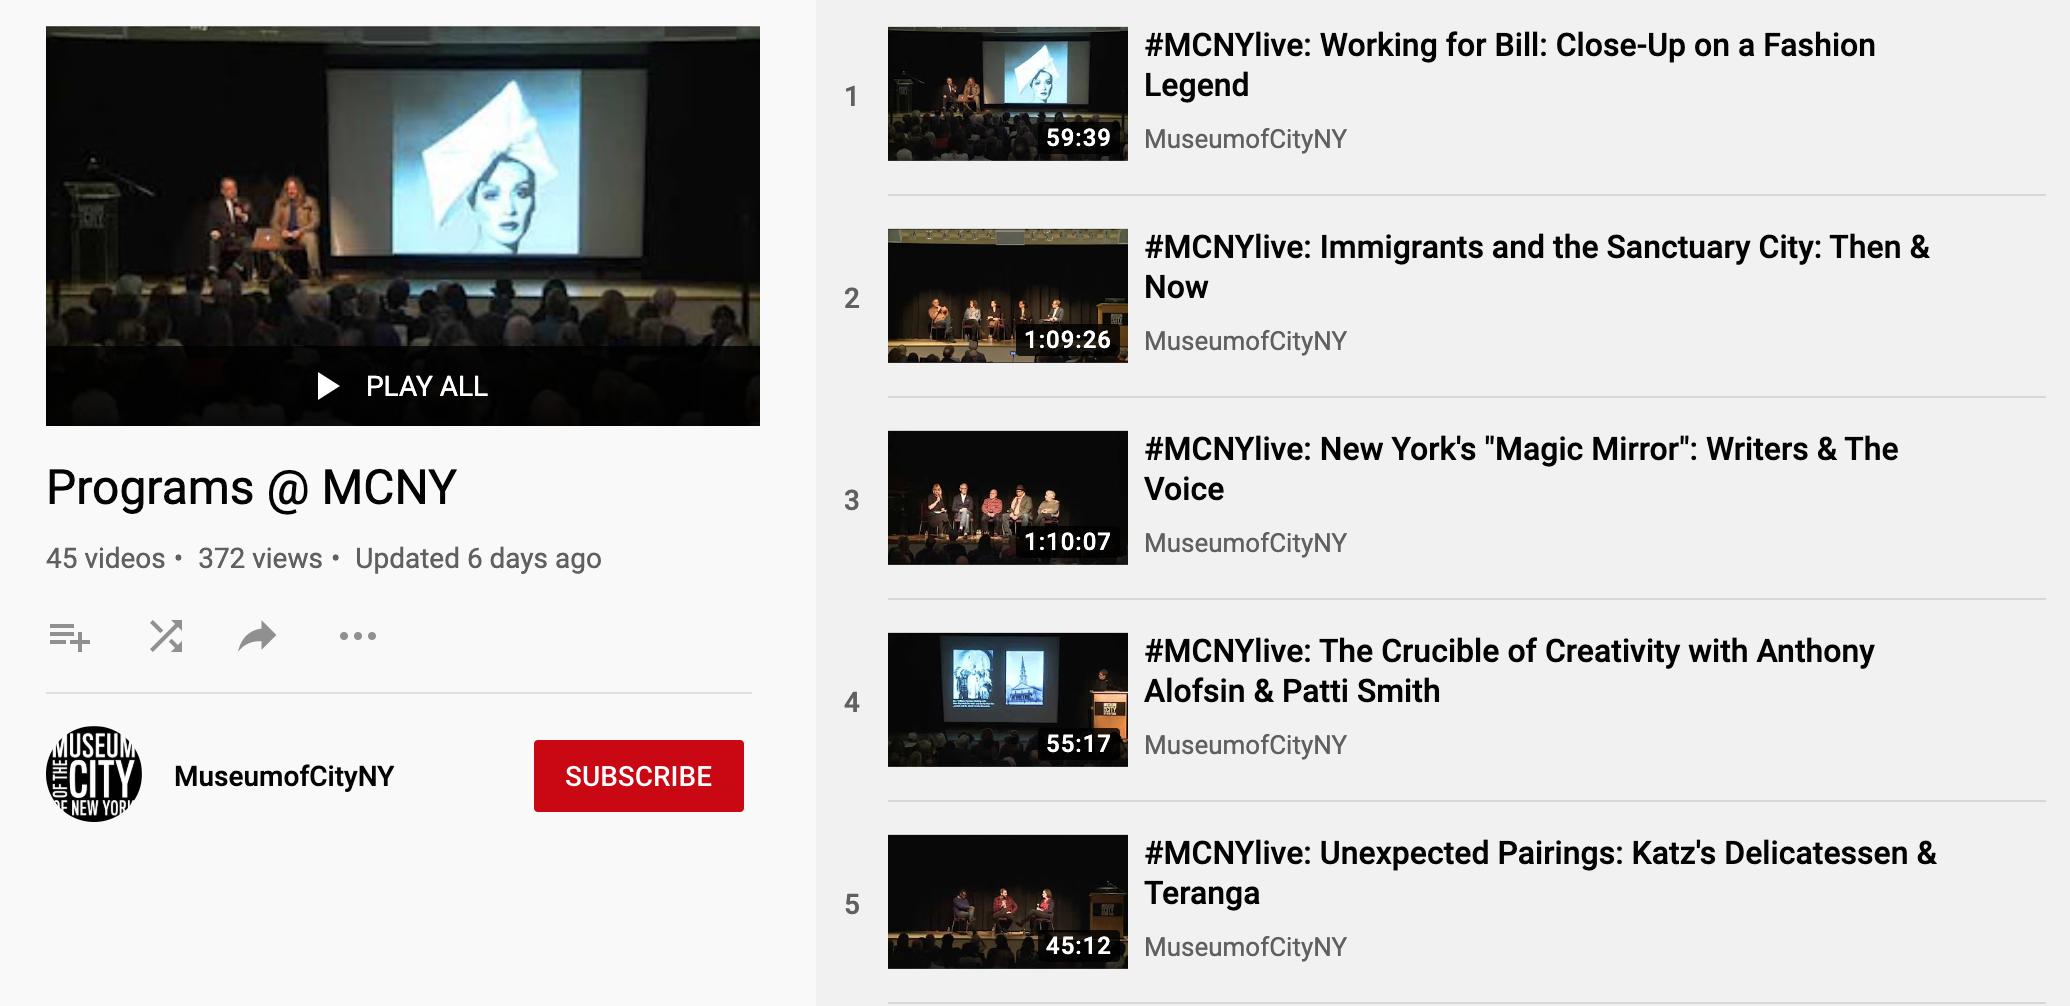 程序@ MCNY YouTube播放列表缩略图